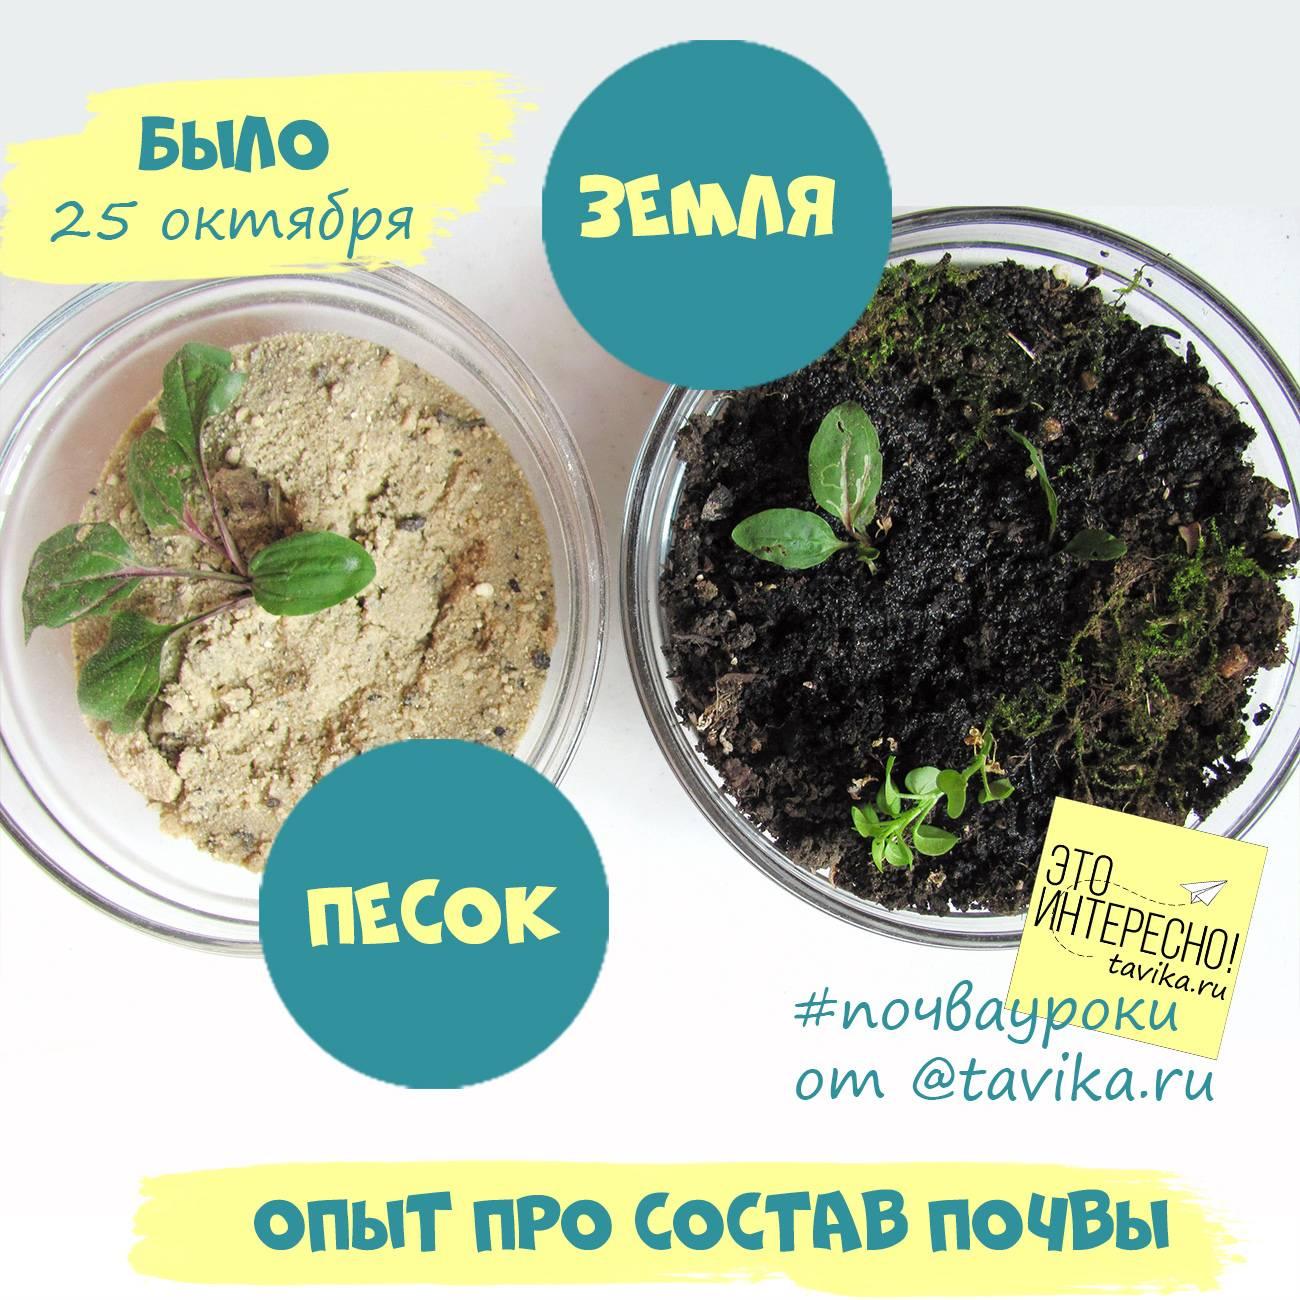 Как раскислить почву: 5 простых и эффективных способов